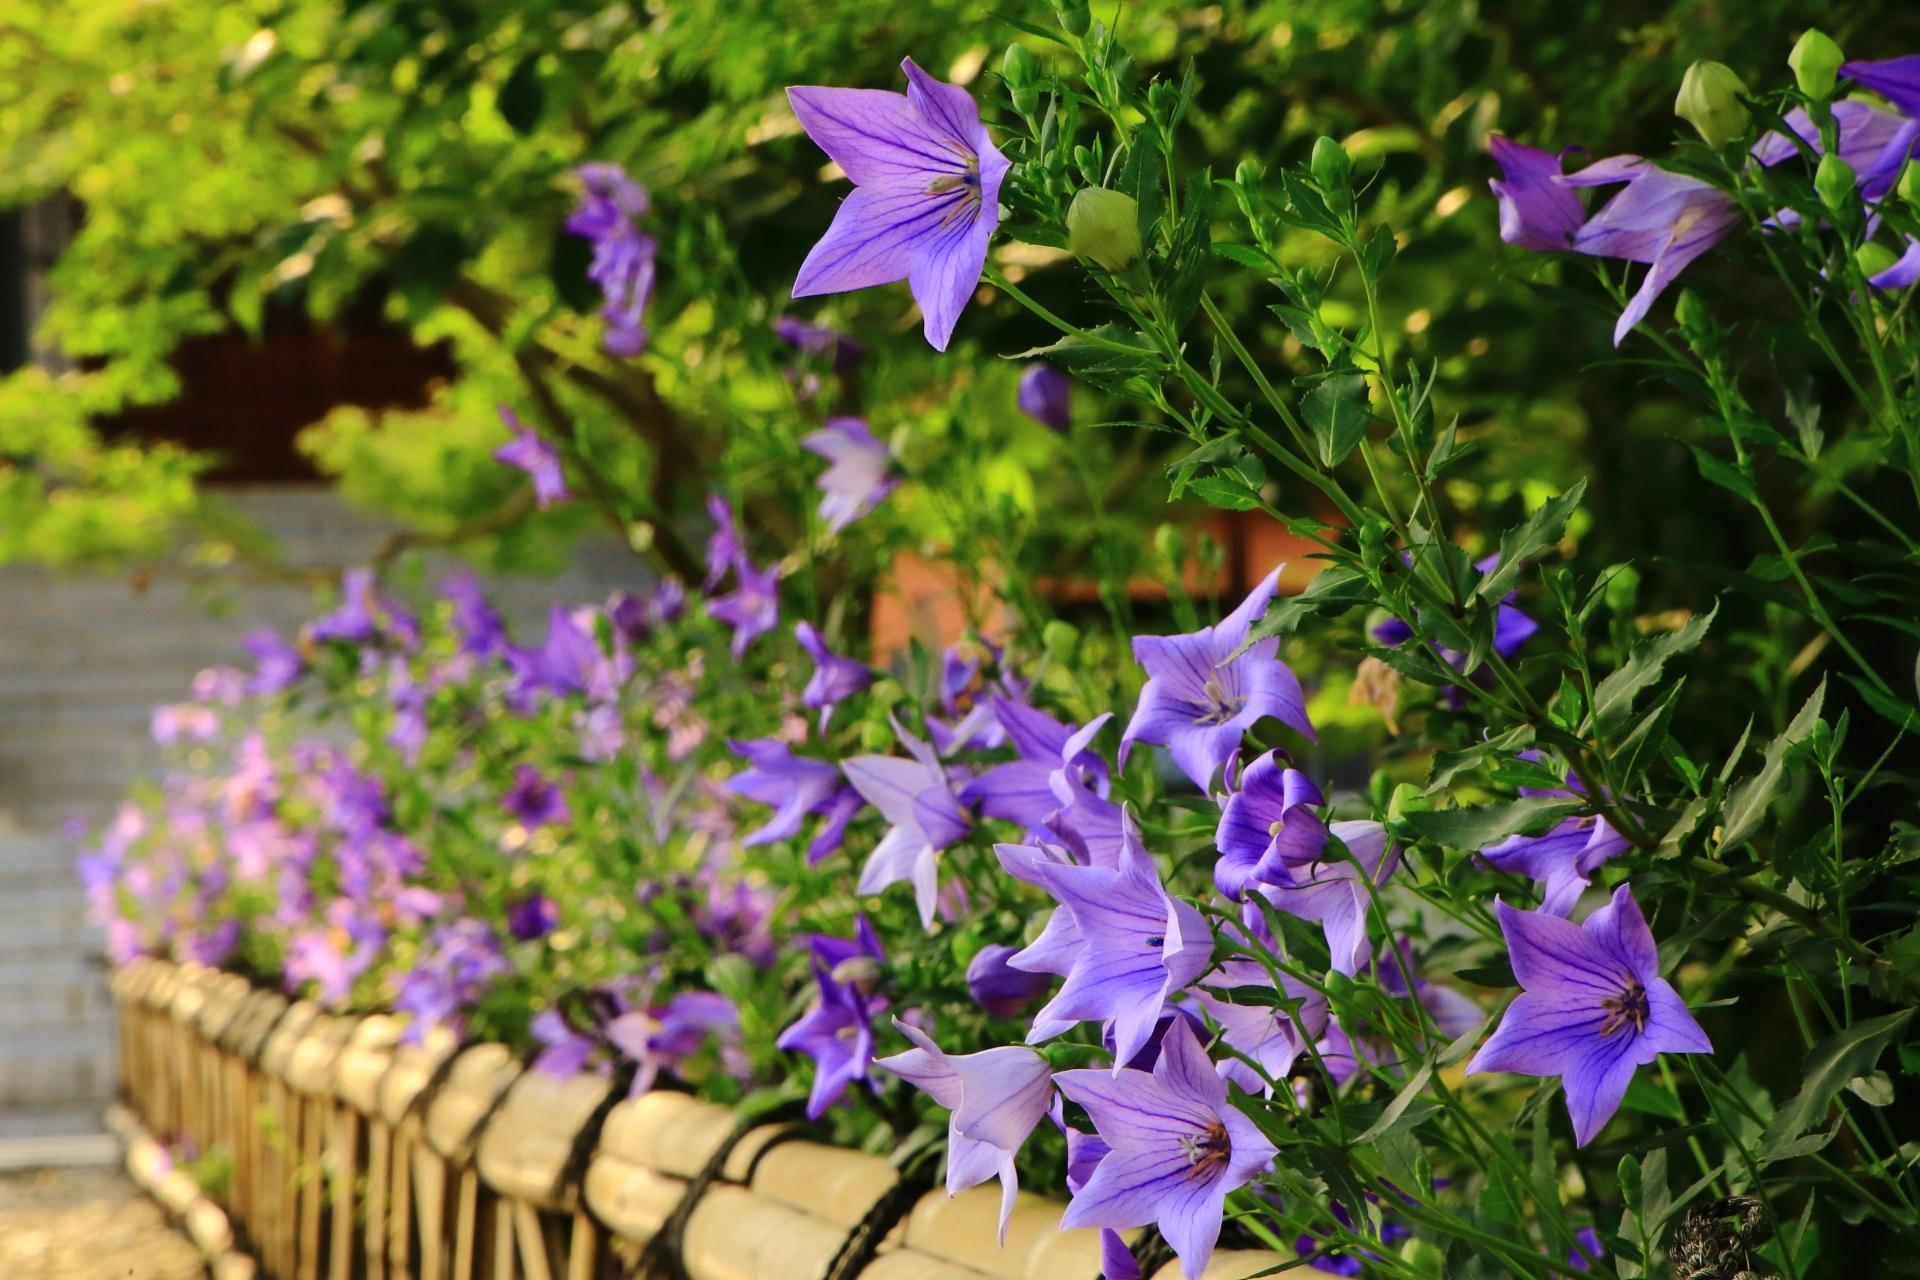 智積院の元気いっぱいに咲き誇る満開の桔梗の花